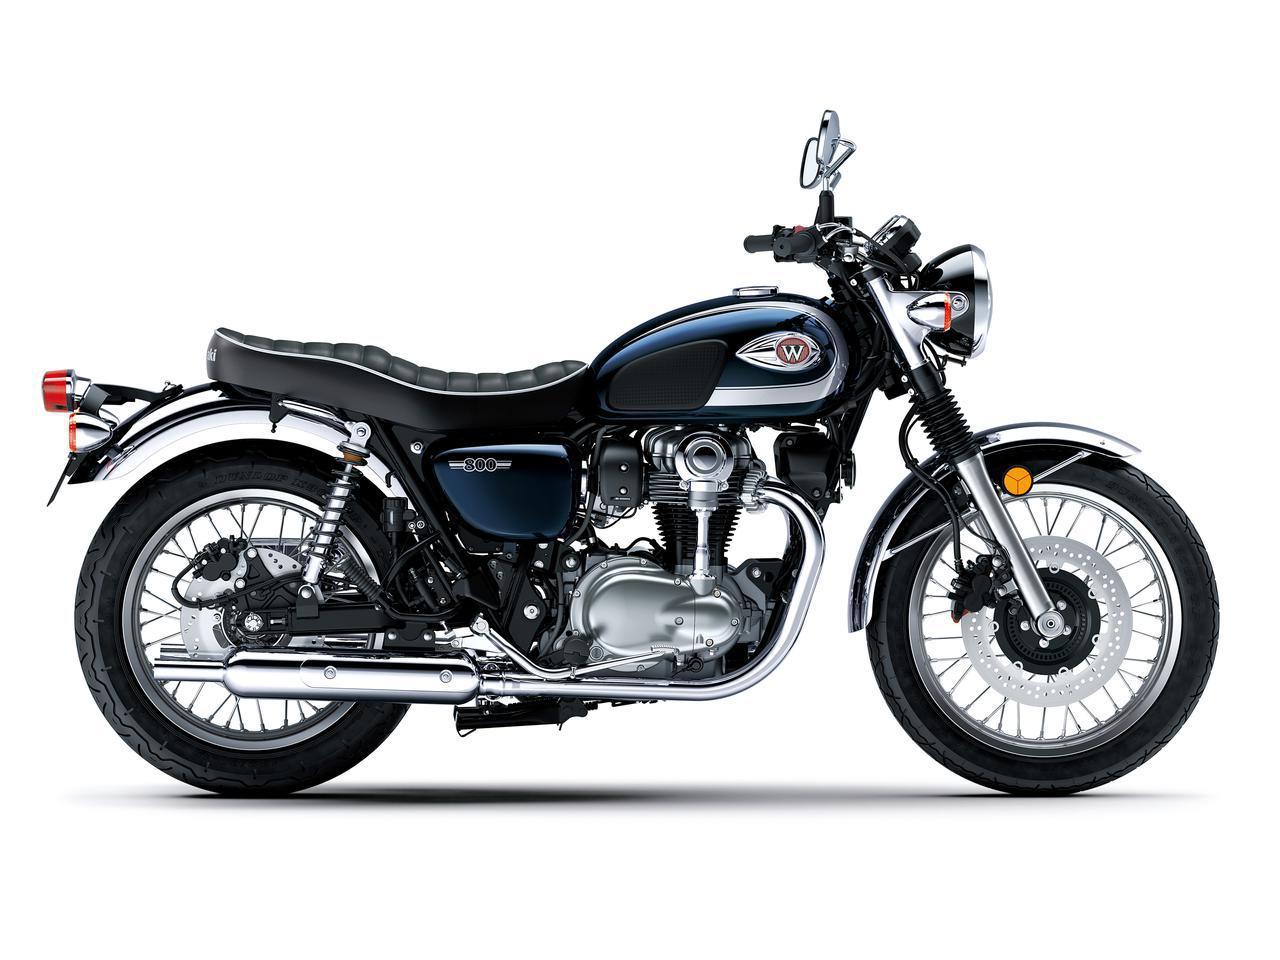 画像3: カワサキが「W800」シリーズの2021年モデルを発売! W800/W800ストリート/W800カフェの新色をチェック!